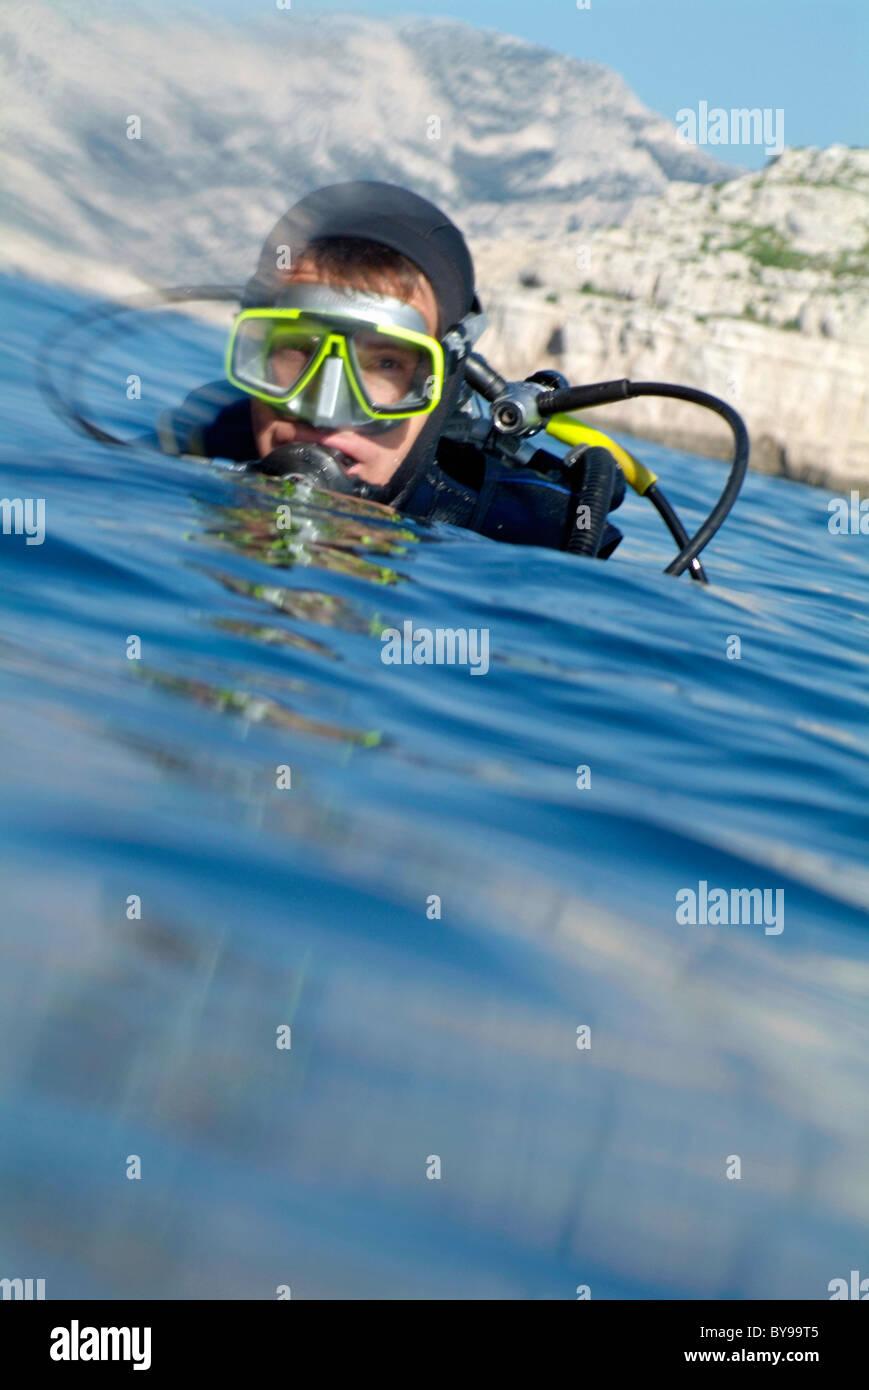 Un subacqueo riaffiora nel Mare Mediterraneo dopo le immersioni vicino a Ile de Riou, Marsiglia, Francia. Foto Stock